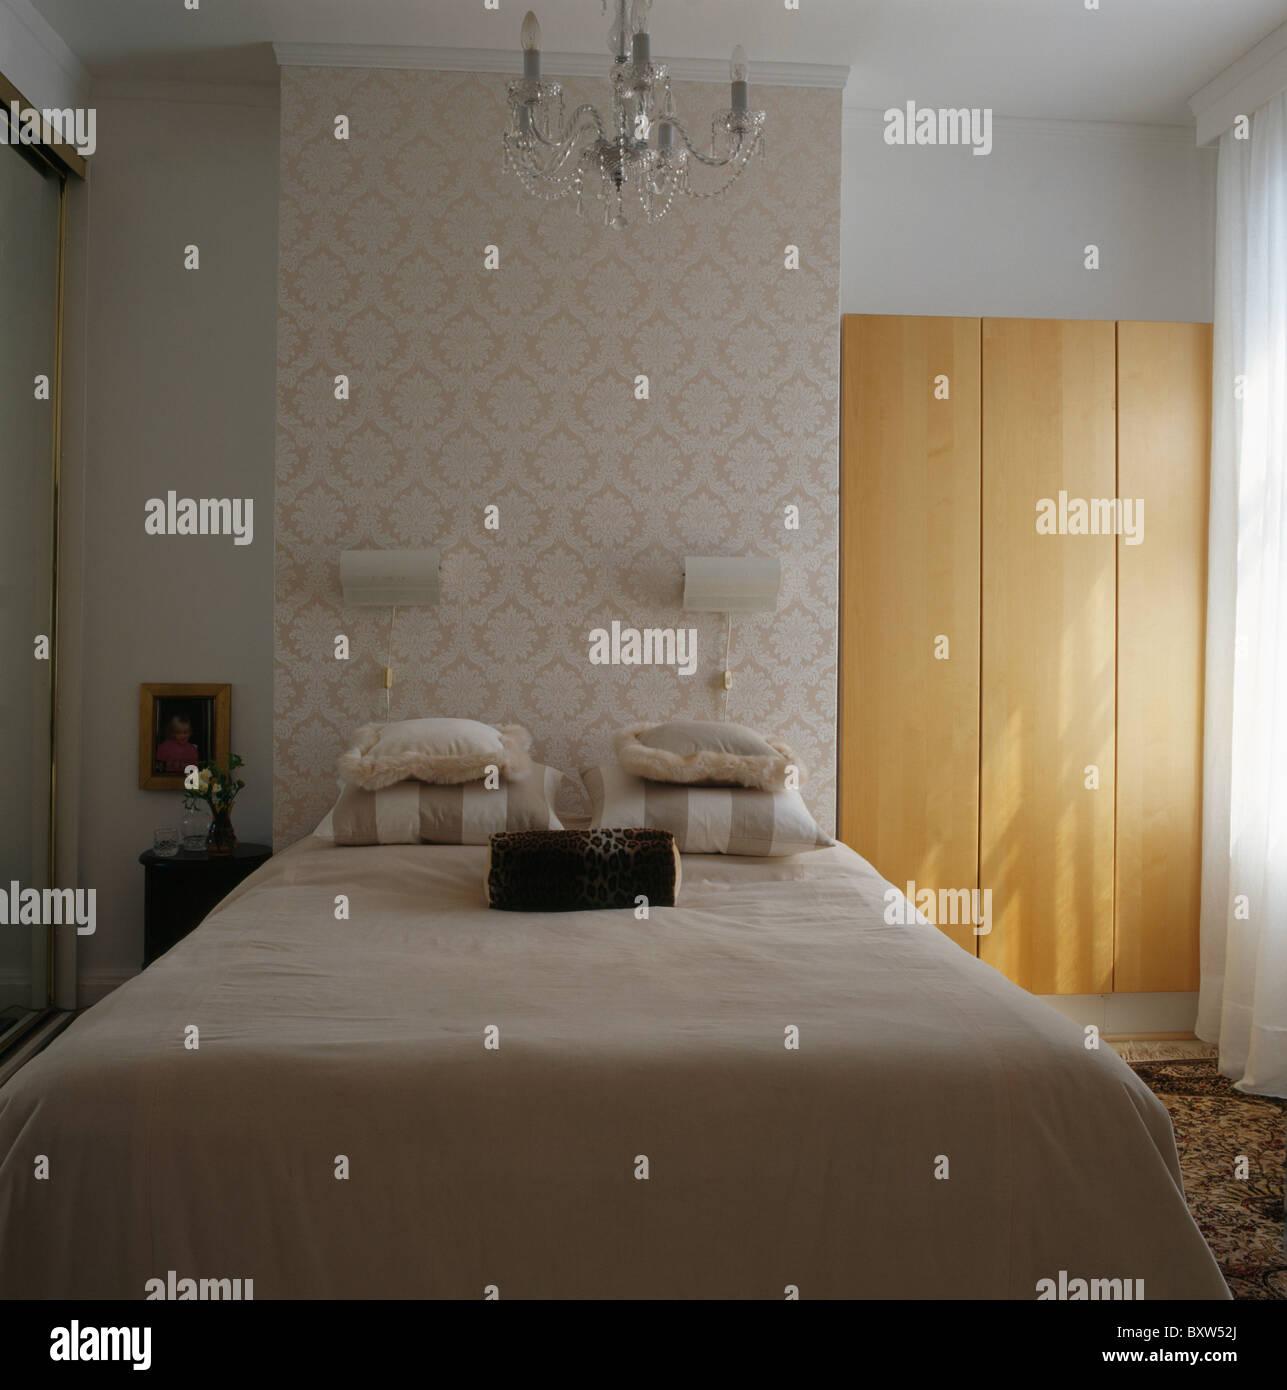 Damast Tapete Und Wandlampen An Wand über Dem Bett Mit Weißen Bettdecke Im  Kleinen Stadthaus Schlafzimmer Mit Einbauschrank Holz